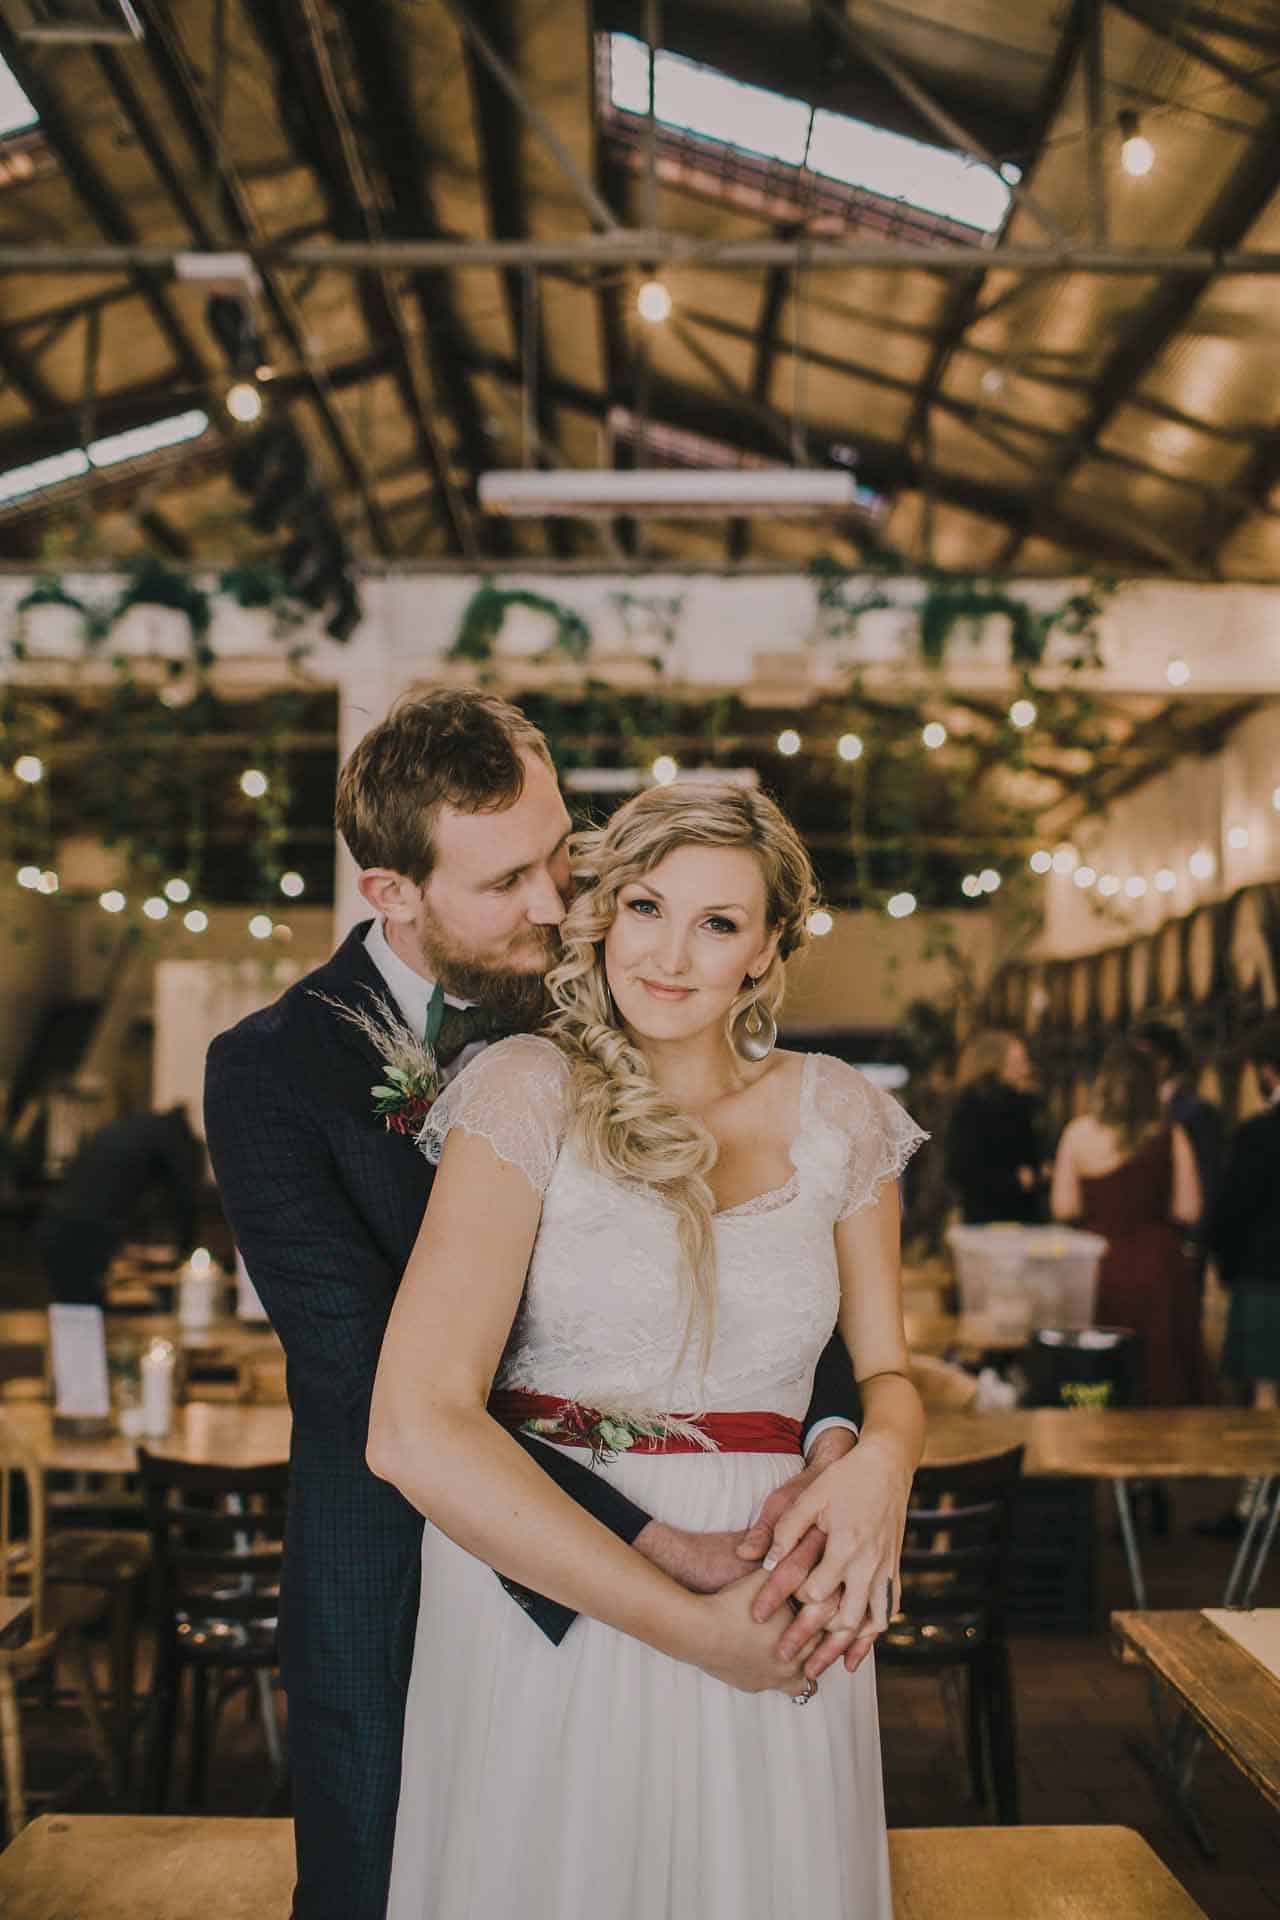 Fotografering i bryllups kaos